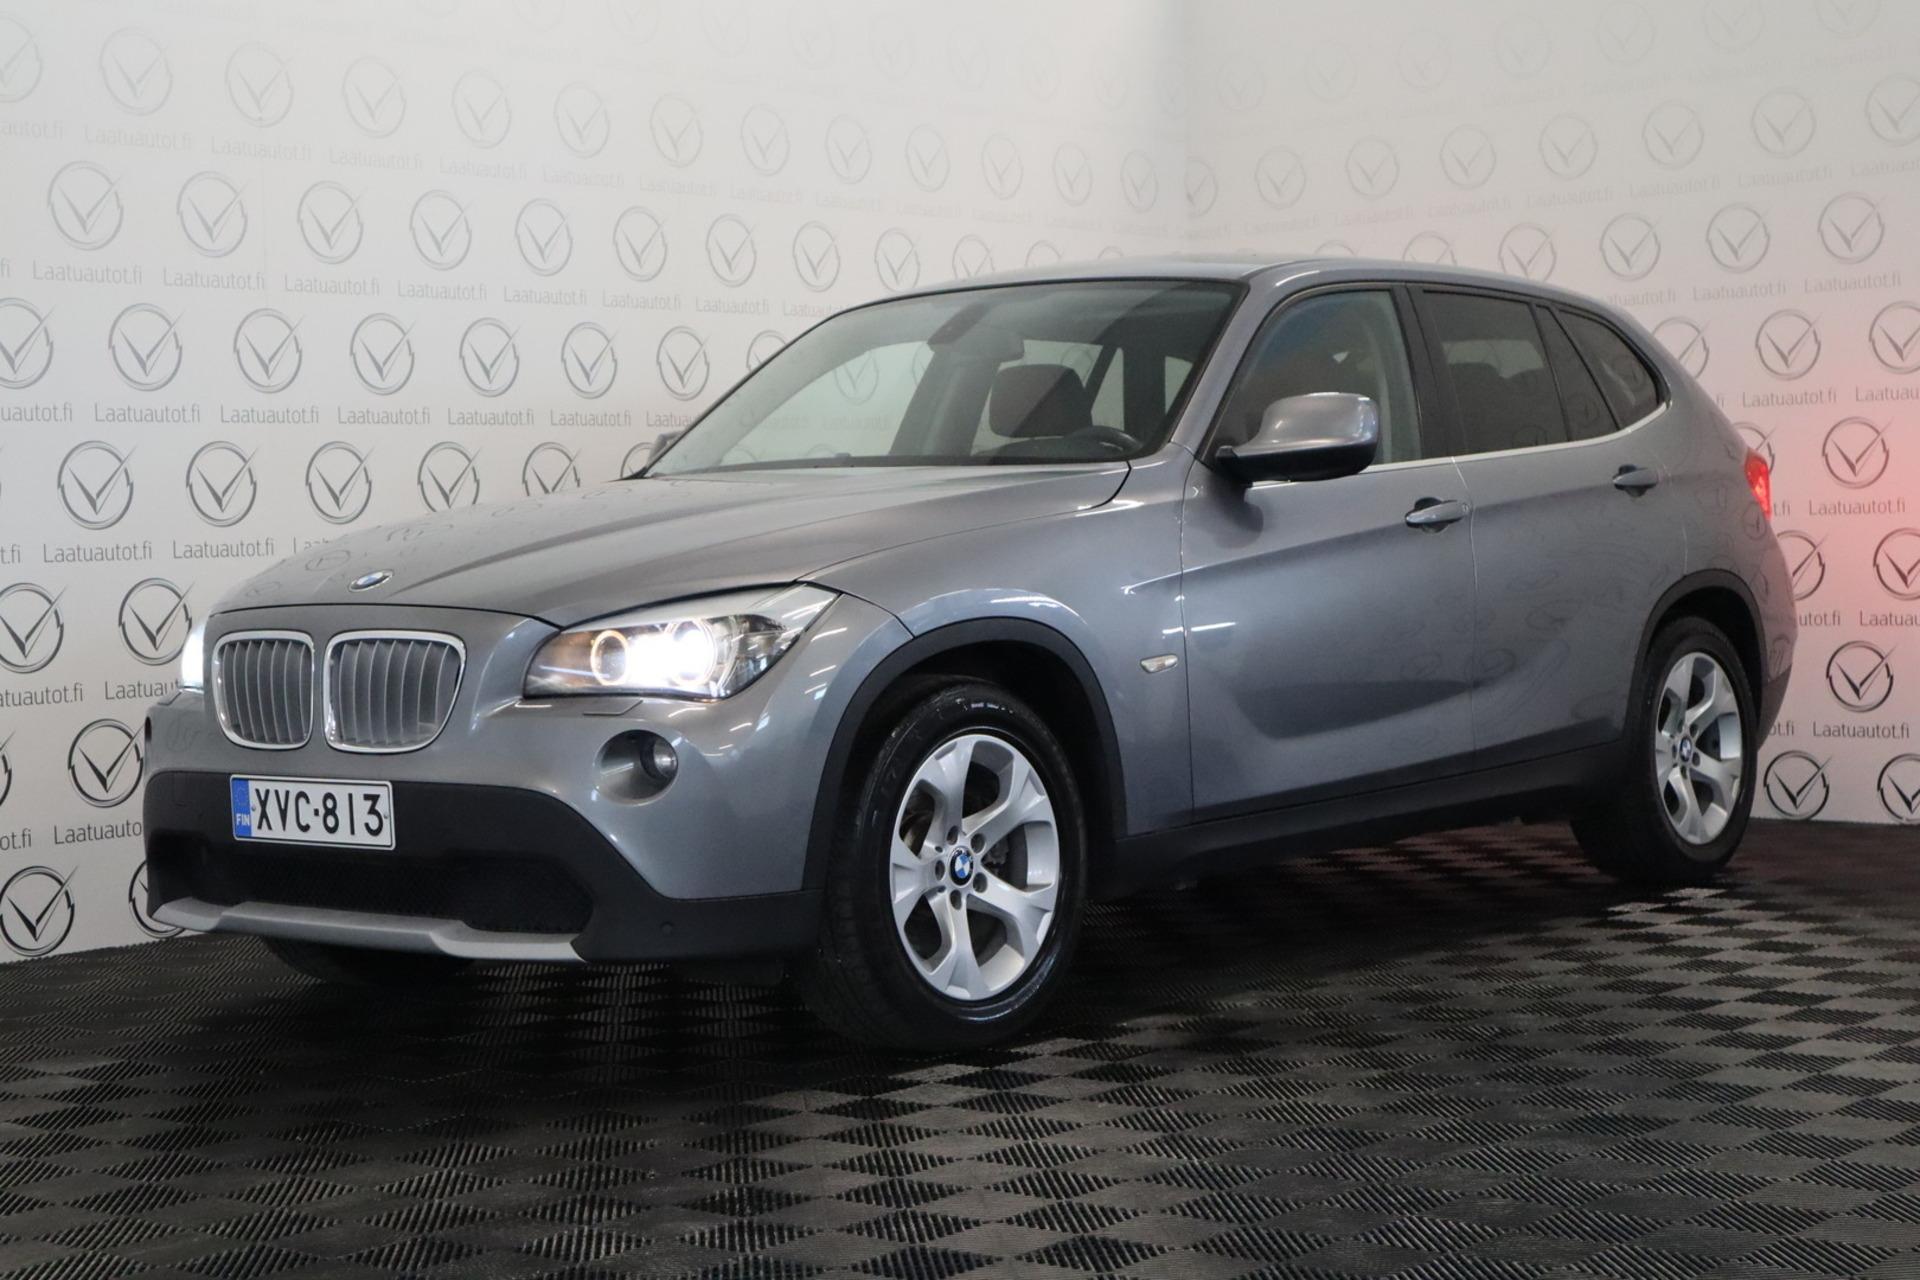 BMW X1 XDRIVE 23D A E84 - Korko 1, 89%,  Rahoitus jopa ilman käsirahaa! PDC,  Cruise,  Xenon,  Suomiauto!